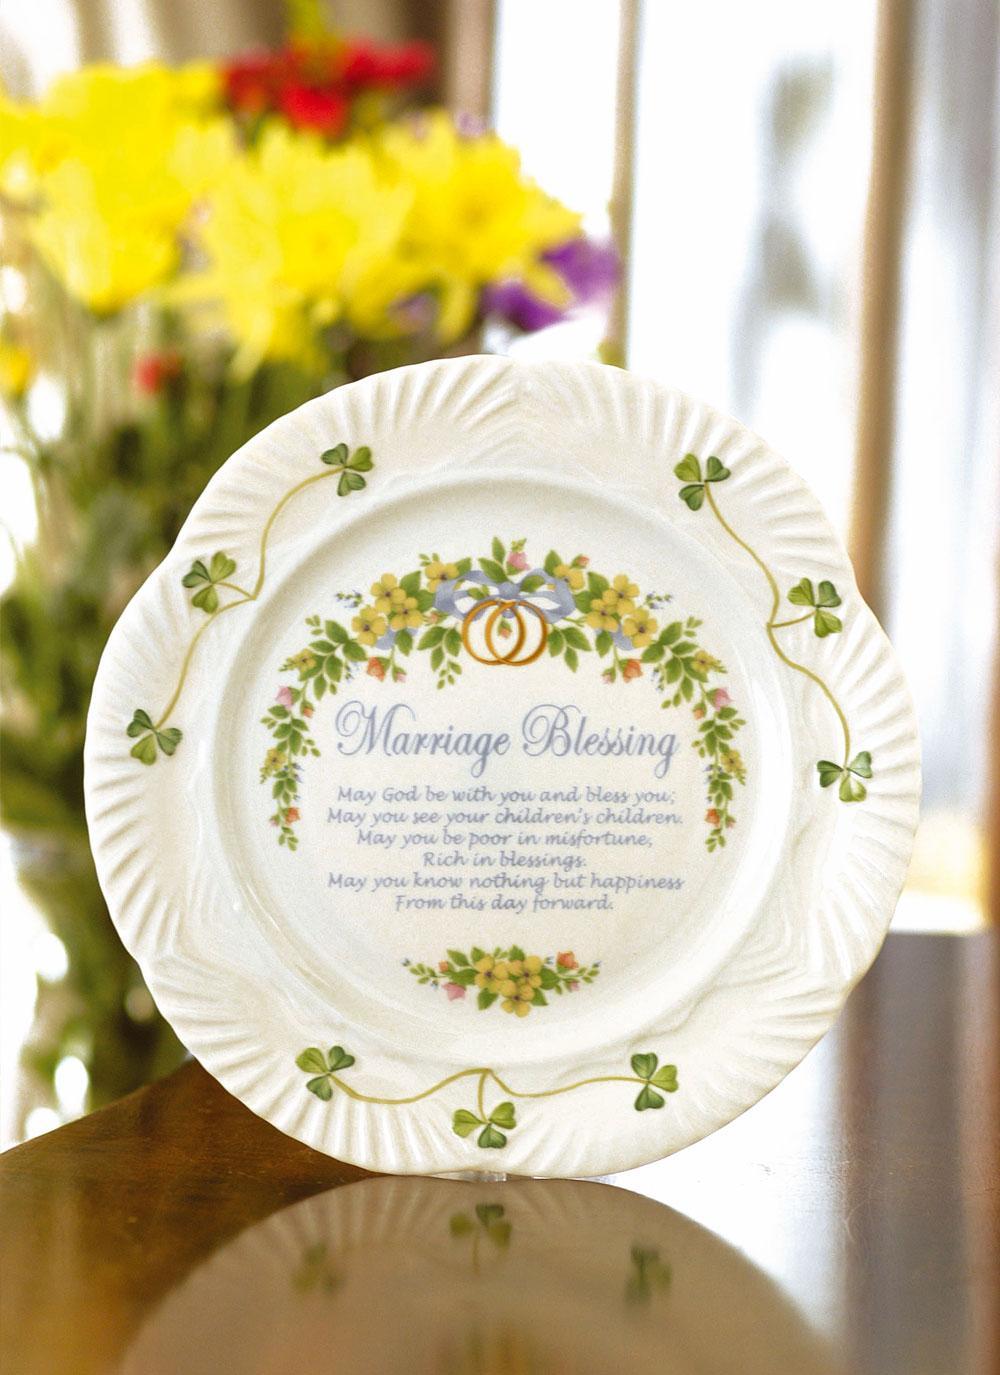 Belleek   Marriage Blessing Plate   Blarney